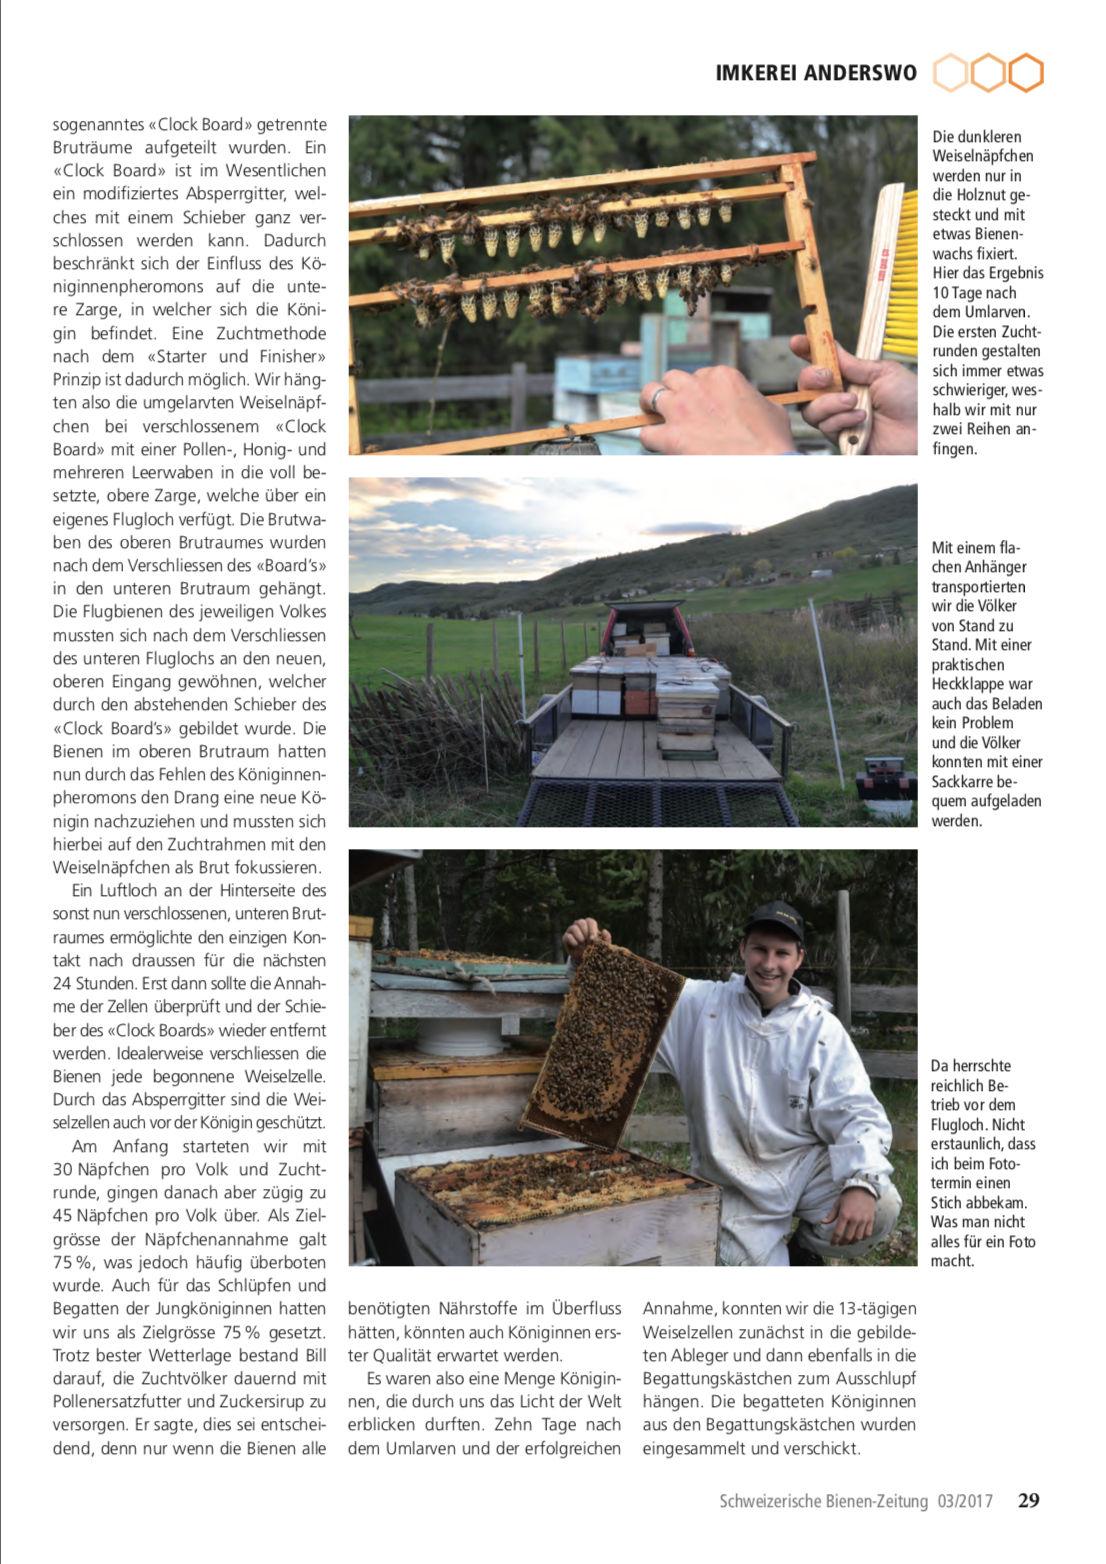 Artikel Imker auf Weltreise-dritte Station: Kanada Seite 4 Schweizerische Bienenzeitung Felix Mrowka